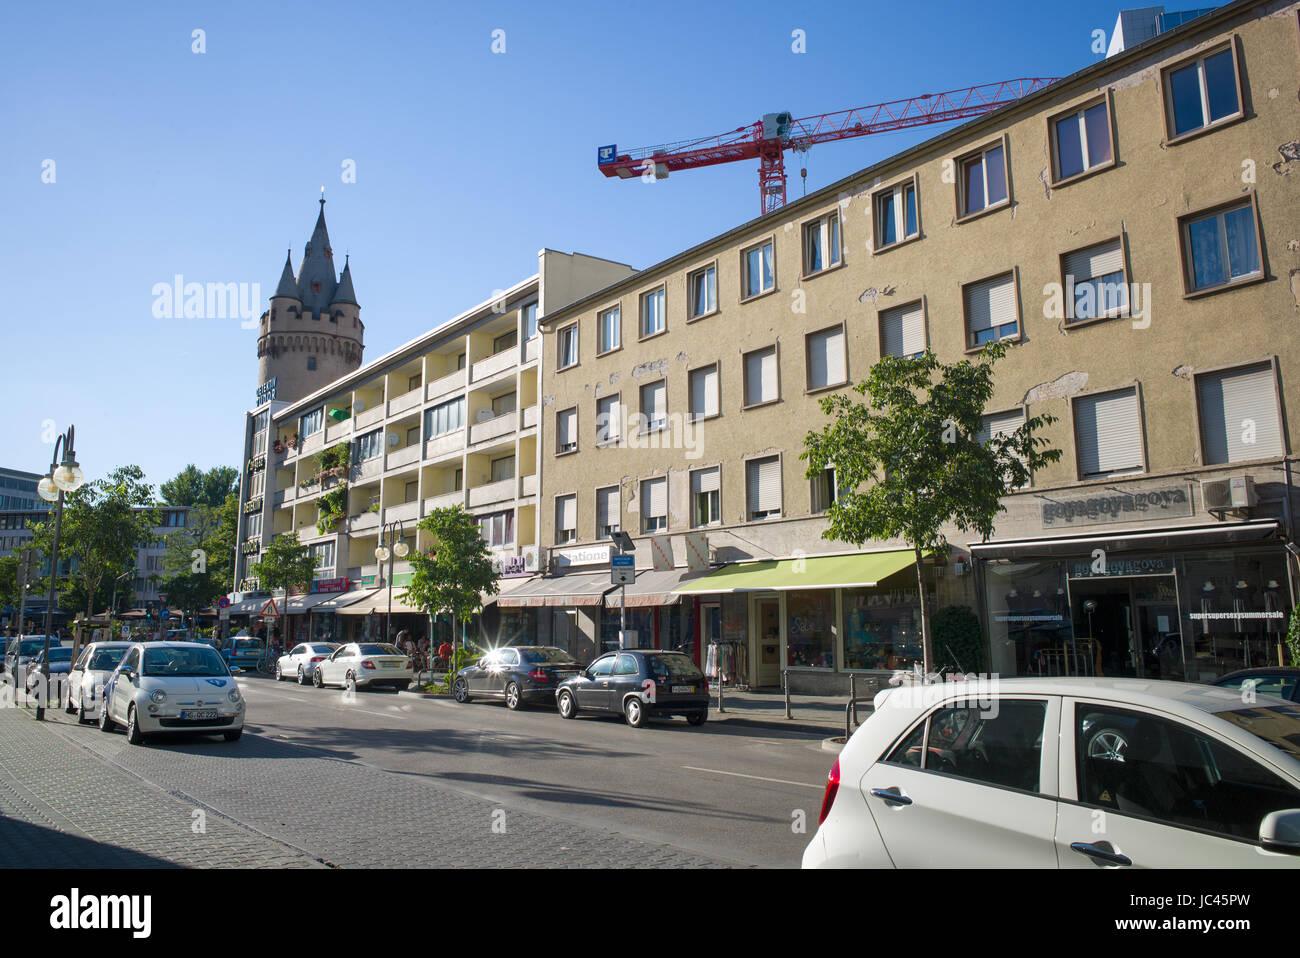 Edificio de apartamentos de baja altura sobre tiendas broma antigua fortificación de la ciudad en el fondo, Frankfurt am Main, Alemania Foto de stock